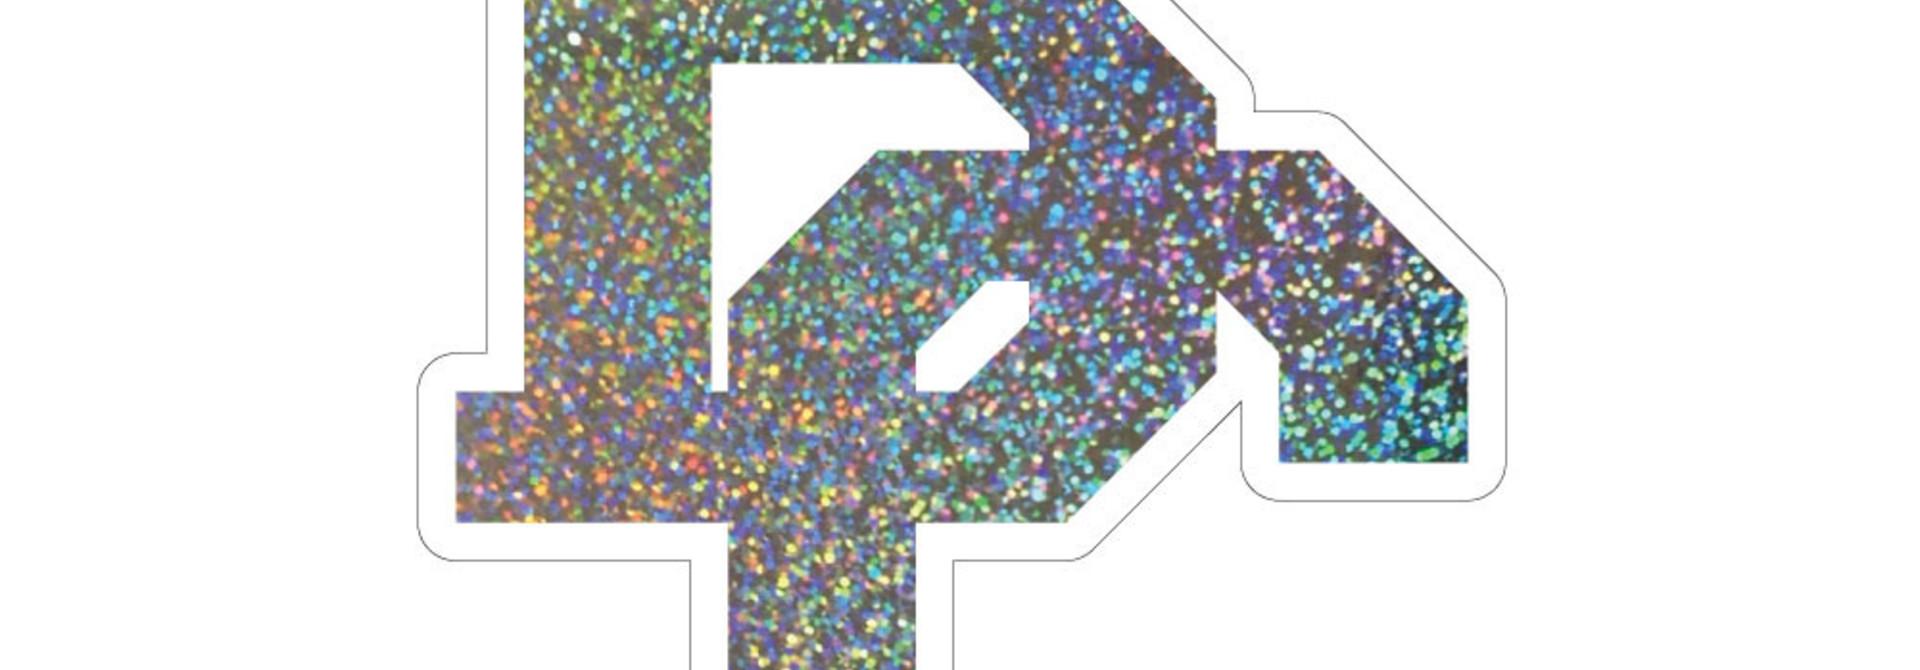 Confetti Holographic BC Dizzler Sticker